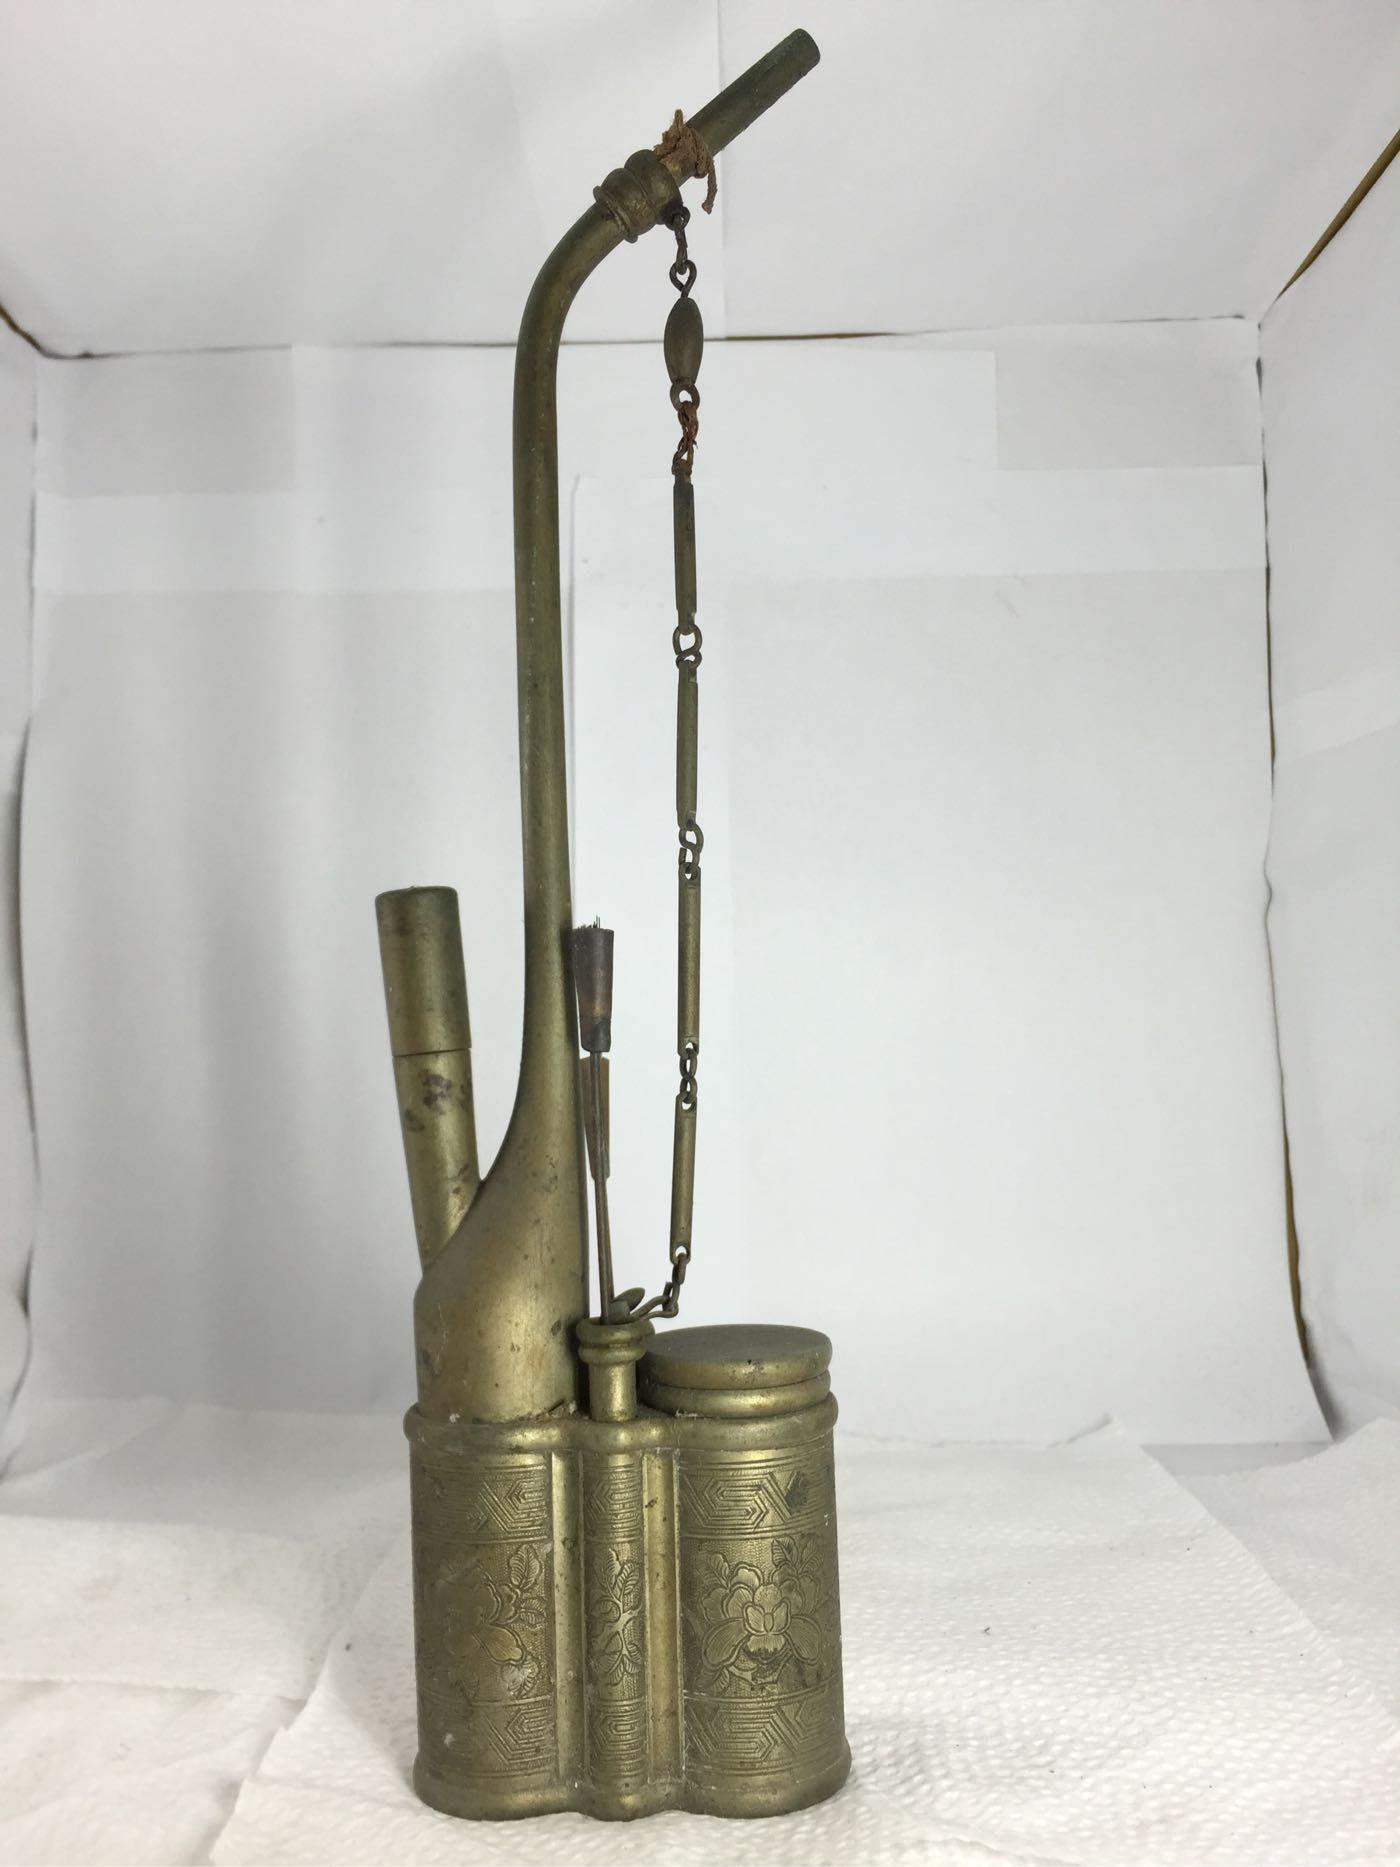 【春富軒】 古早 銅製水煙斗,因為是正老件,難免會留下歲月的痕跡,能接受再請下標。